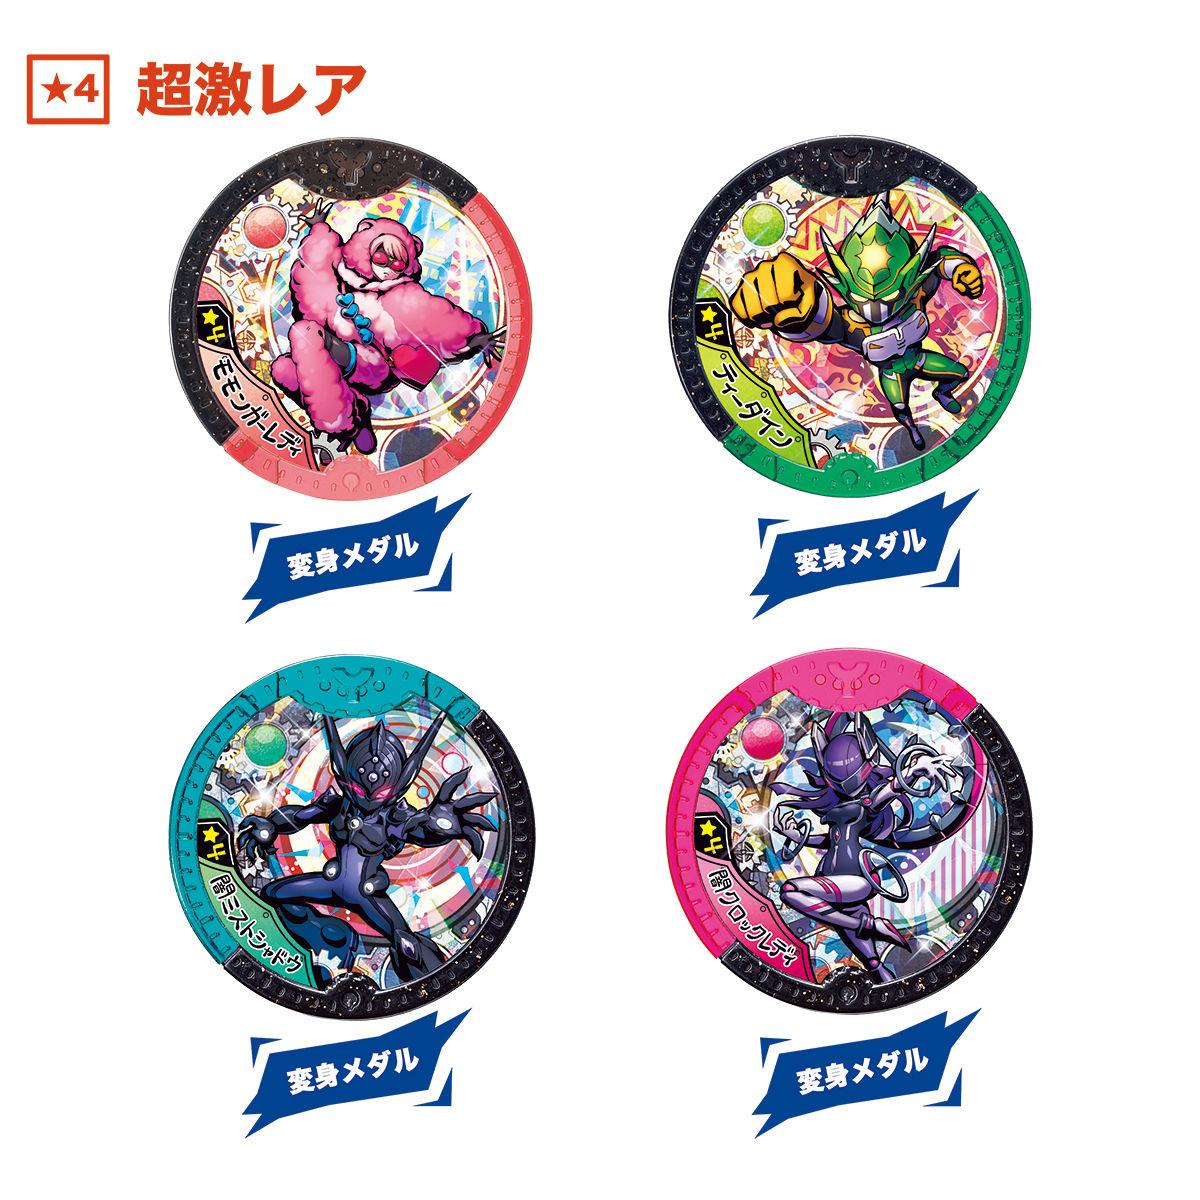 妖怪YメダルEX02 も~っとワイワイ超連動!